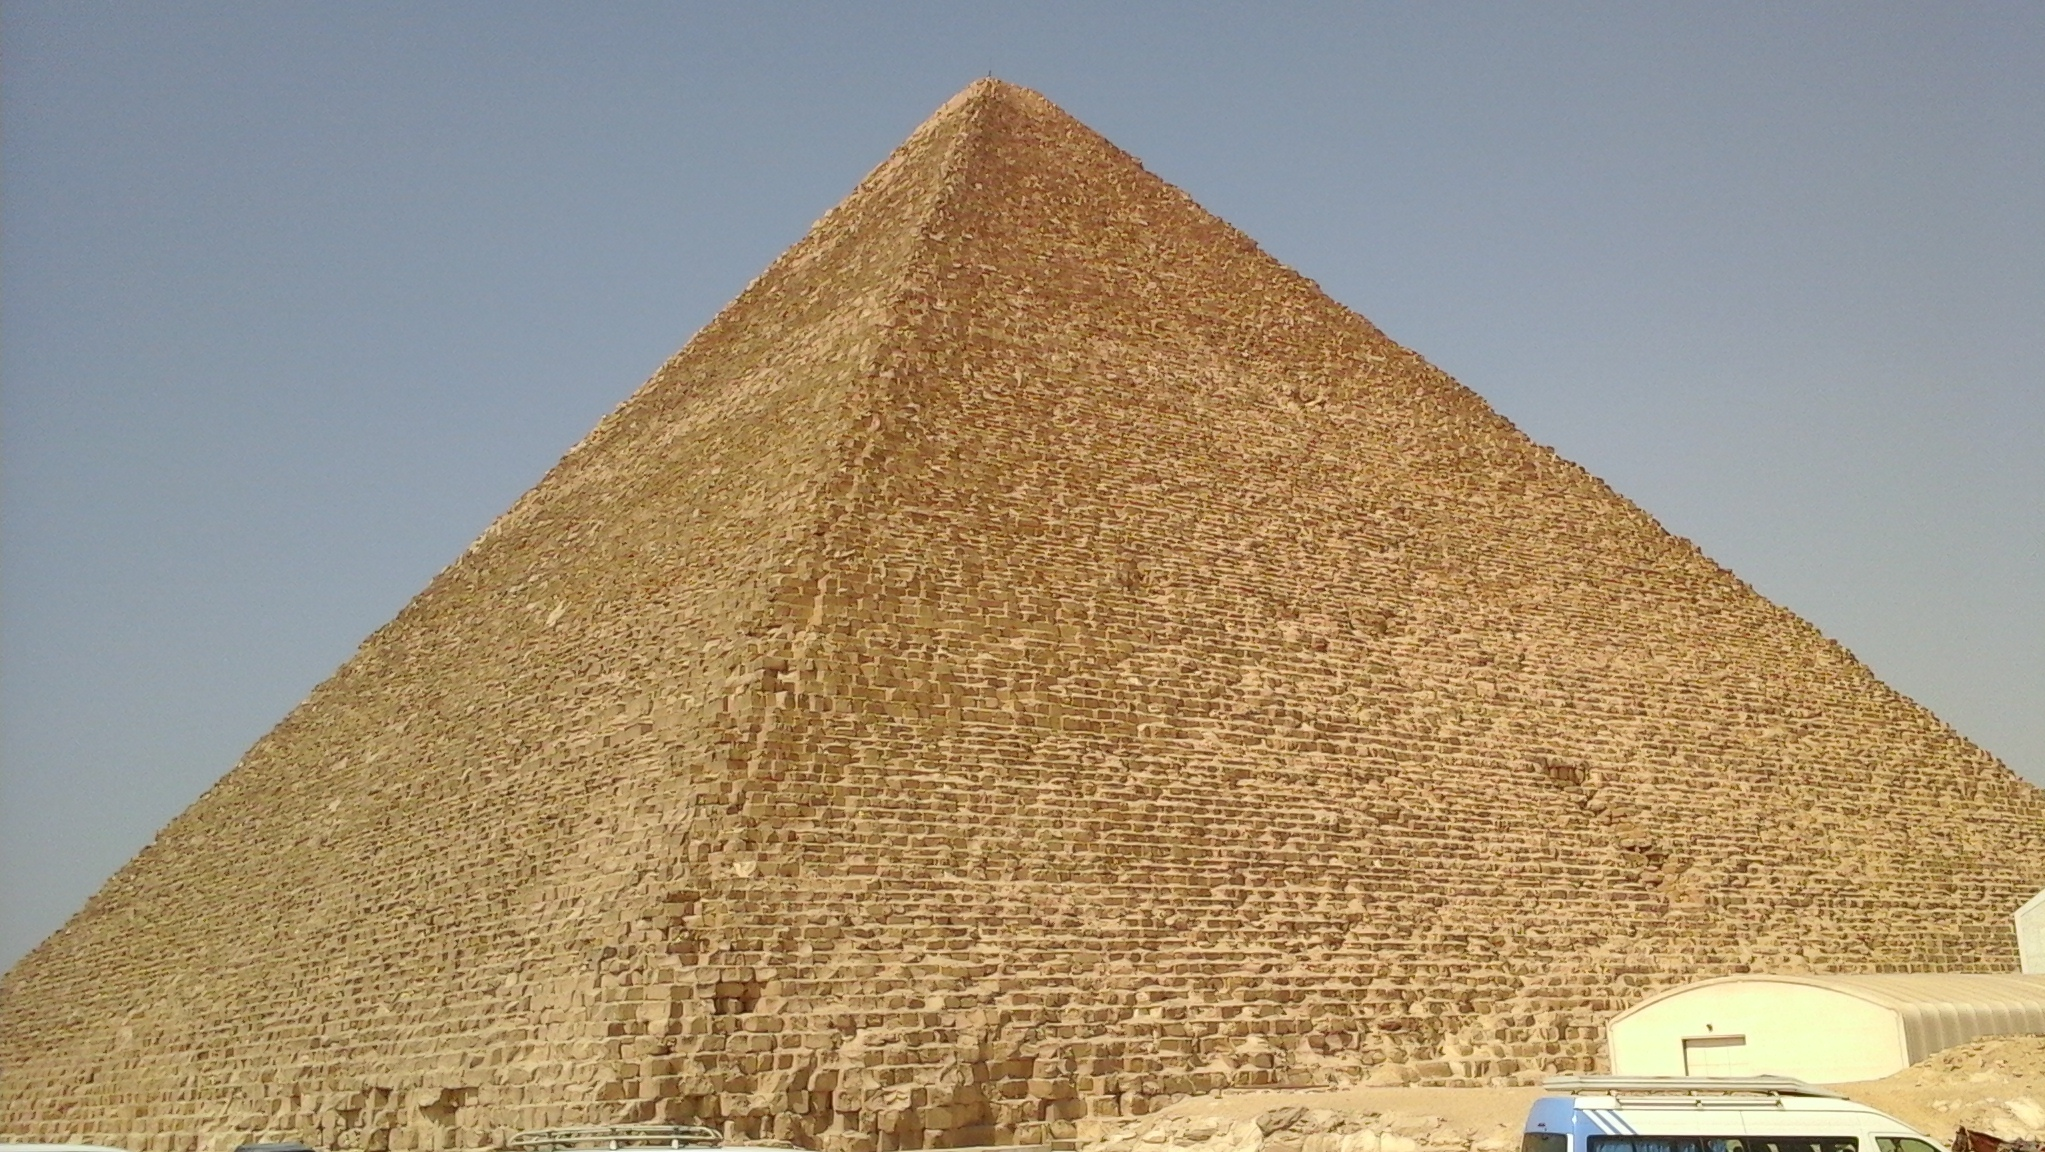 Voyage en avion au Caire depuis Charm el-Cheikh